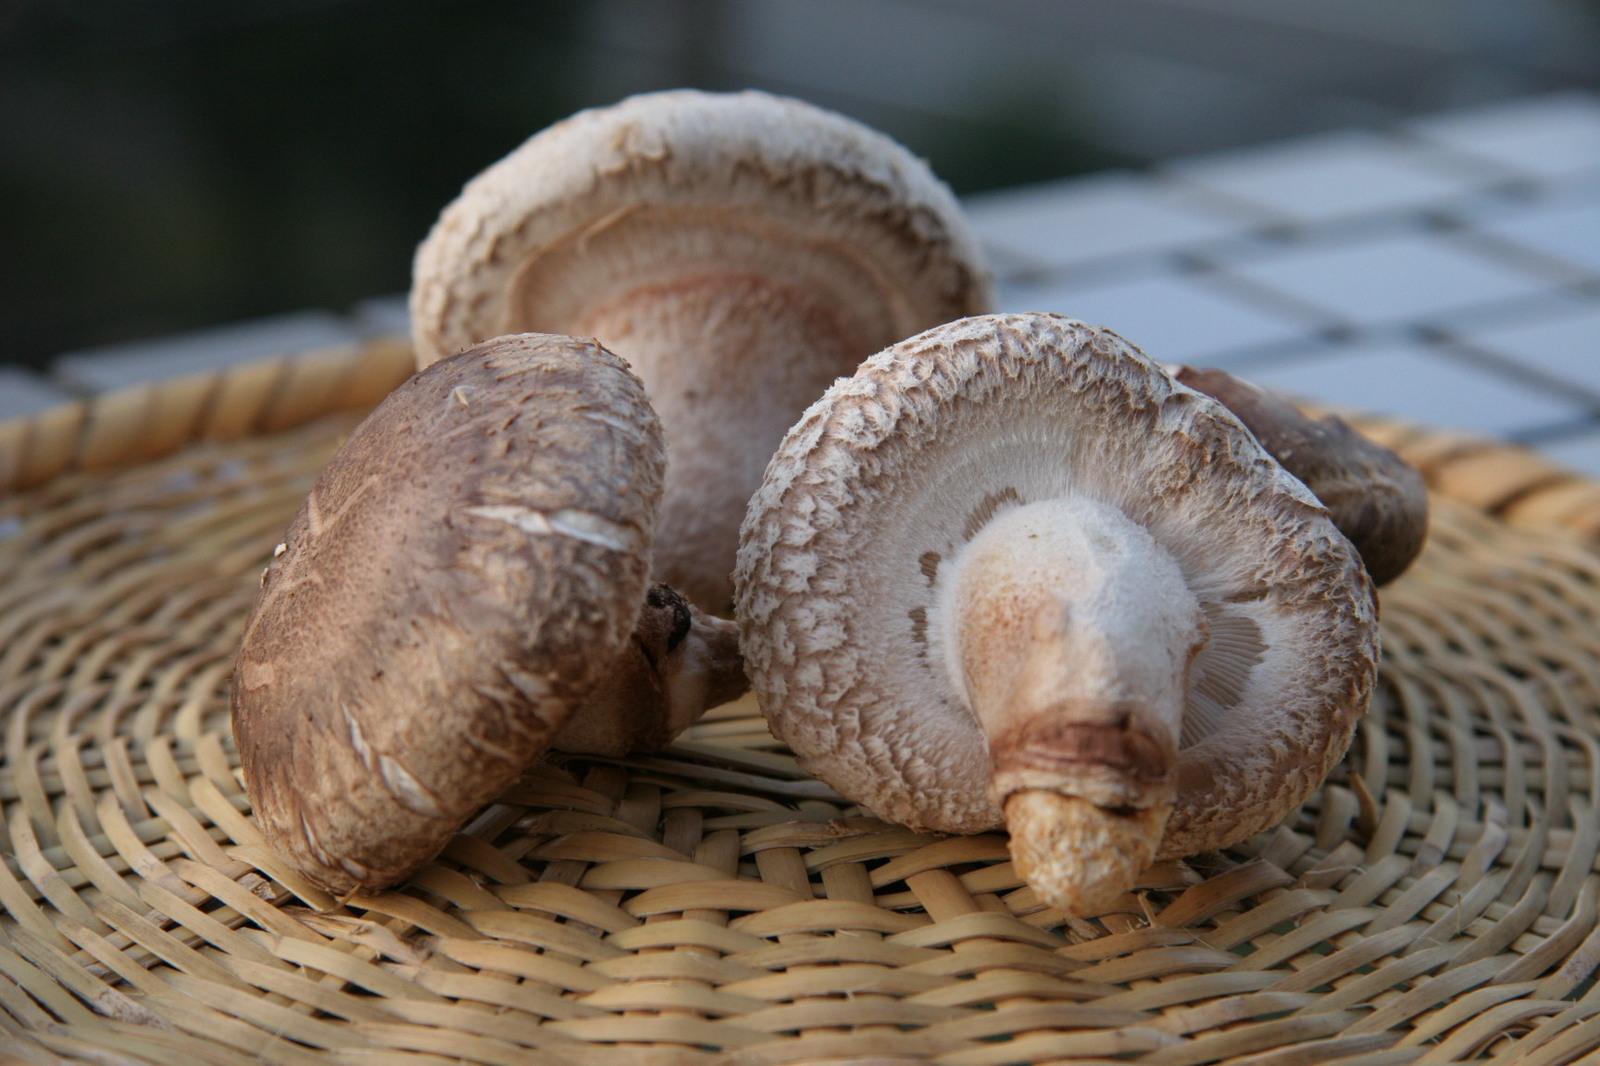 日本キノコ類の代表格しいたけの栄養と他の食材との栄養UPレシピのサムネイル画像